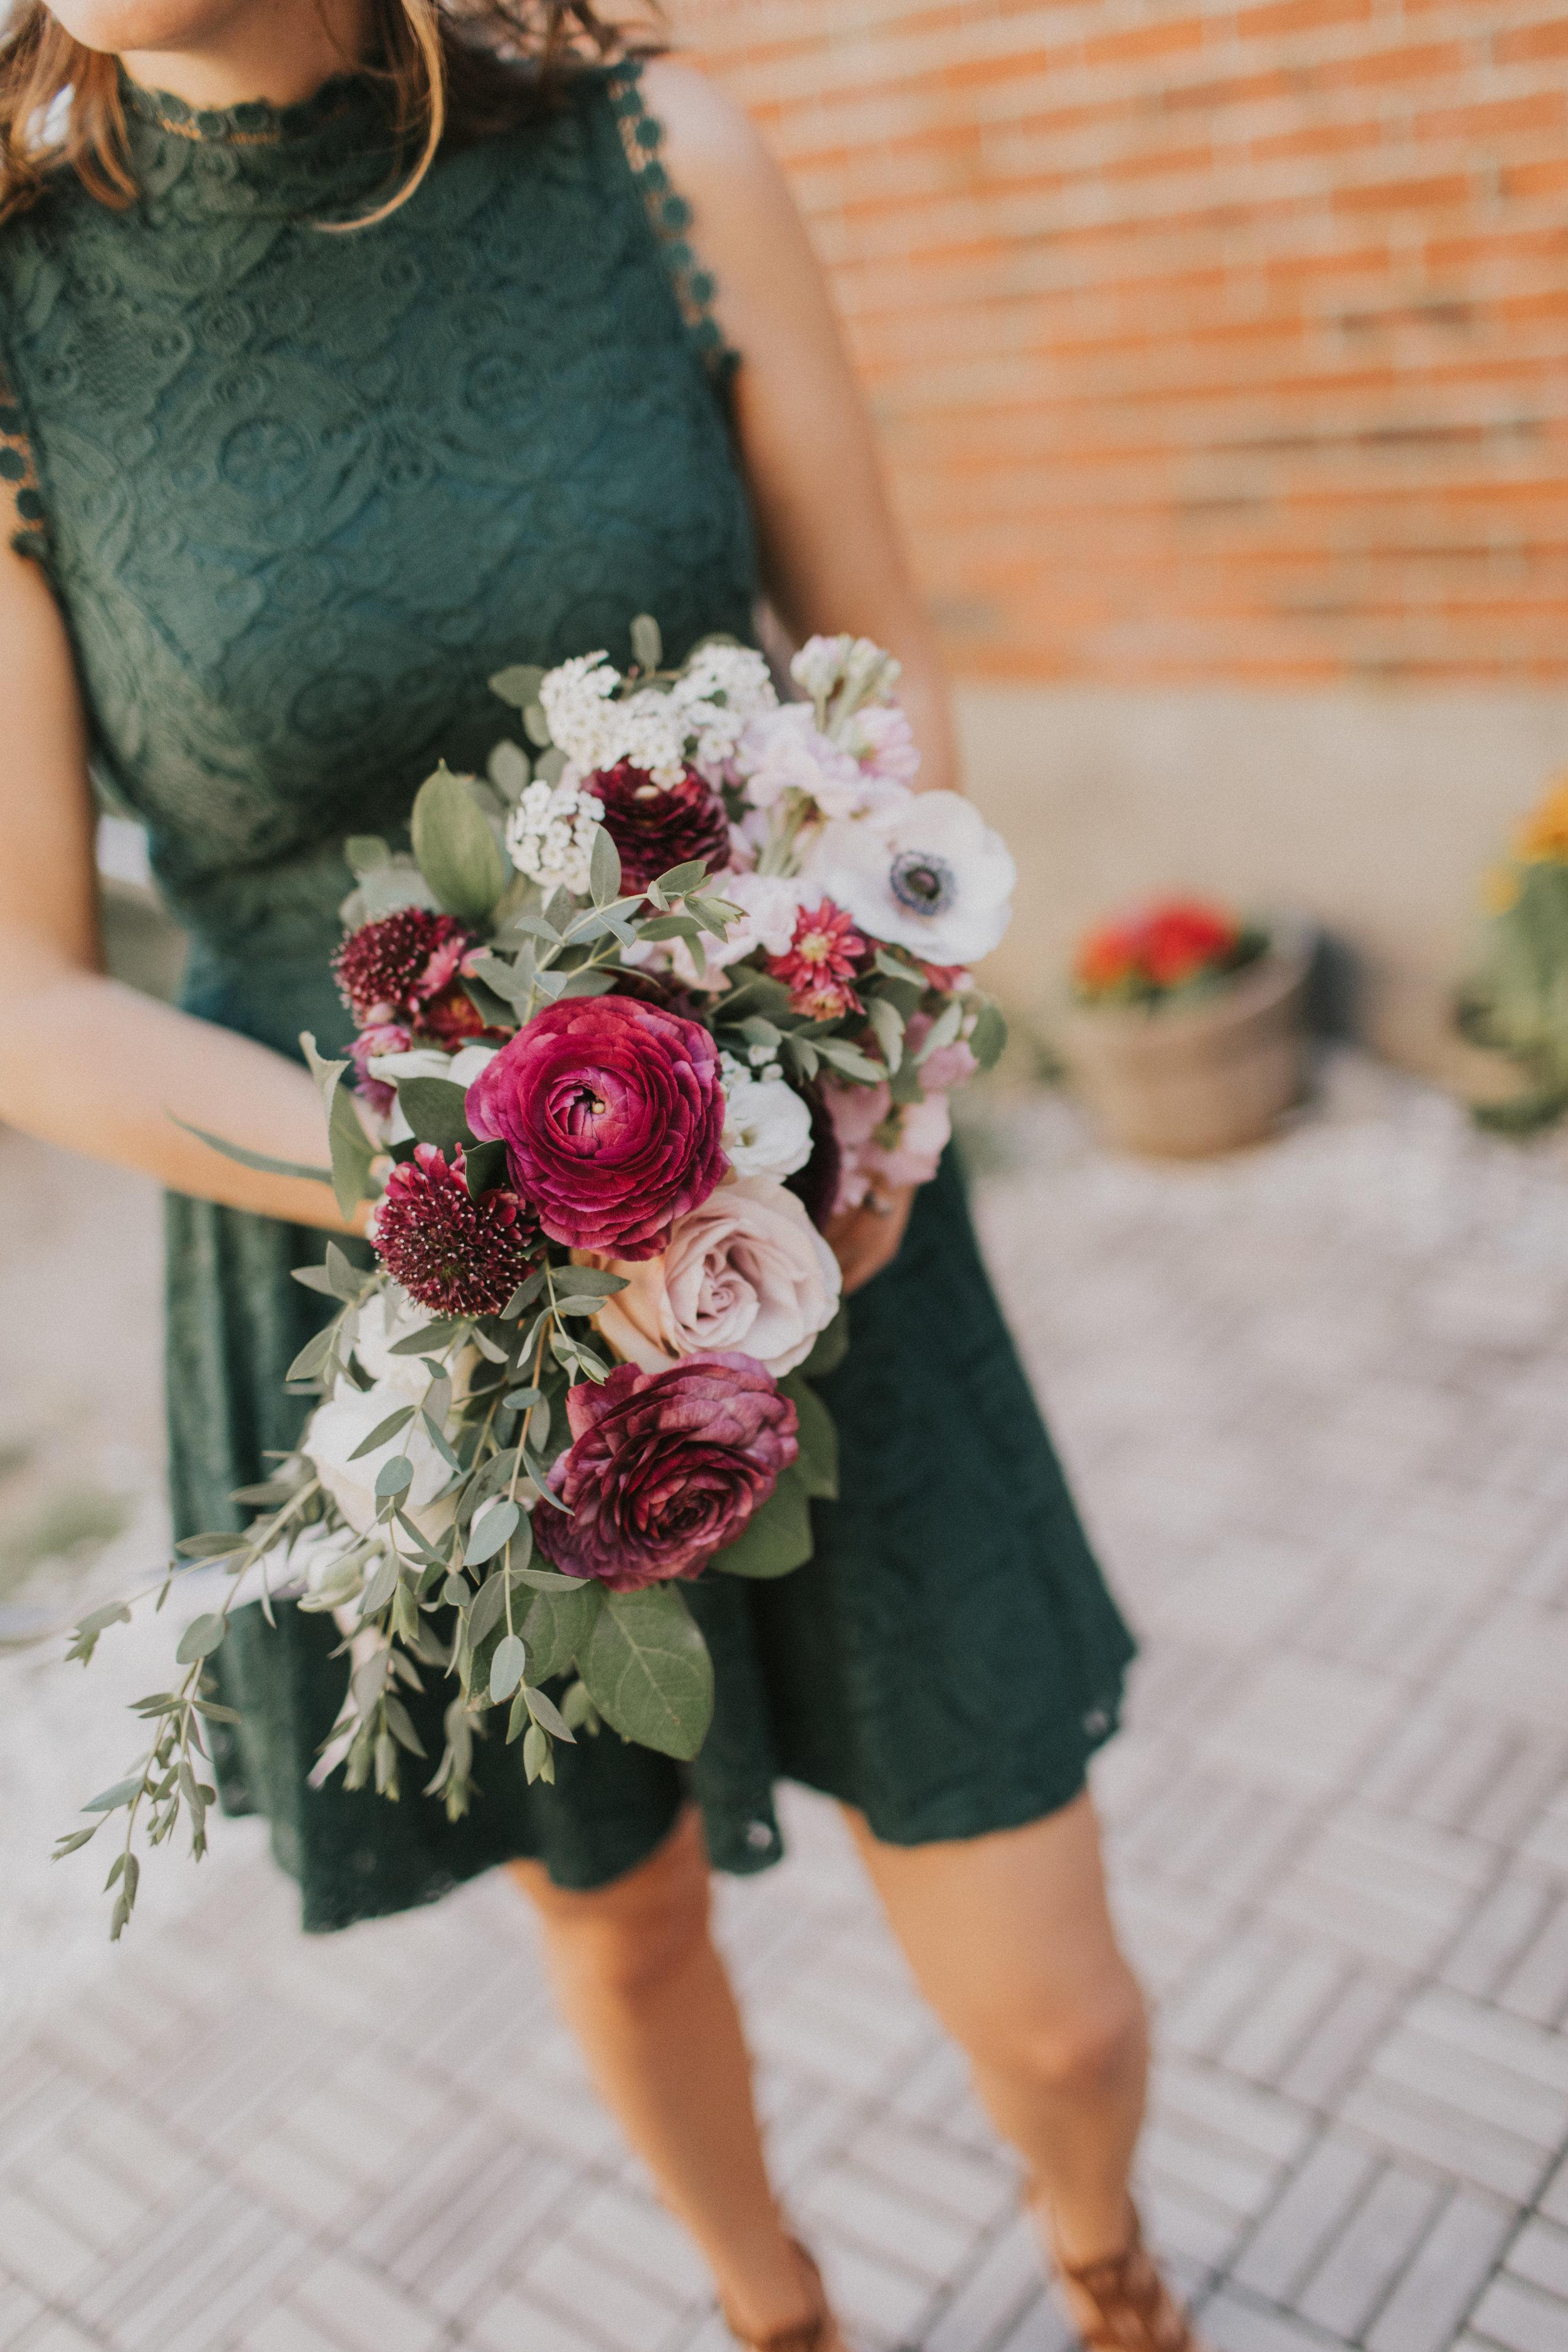 Watershed_Floral_Maine_Wedding_Florist_217.jpg